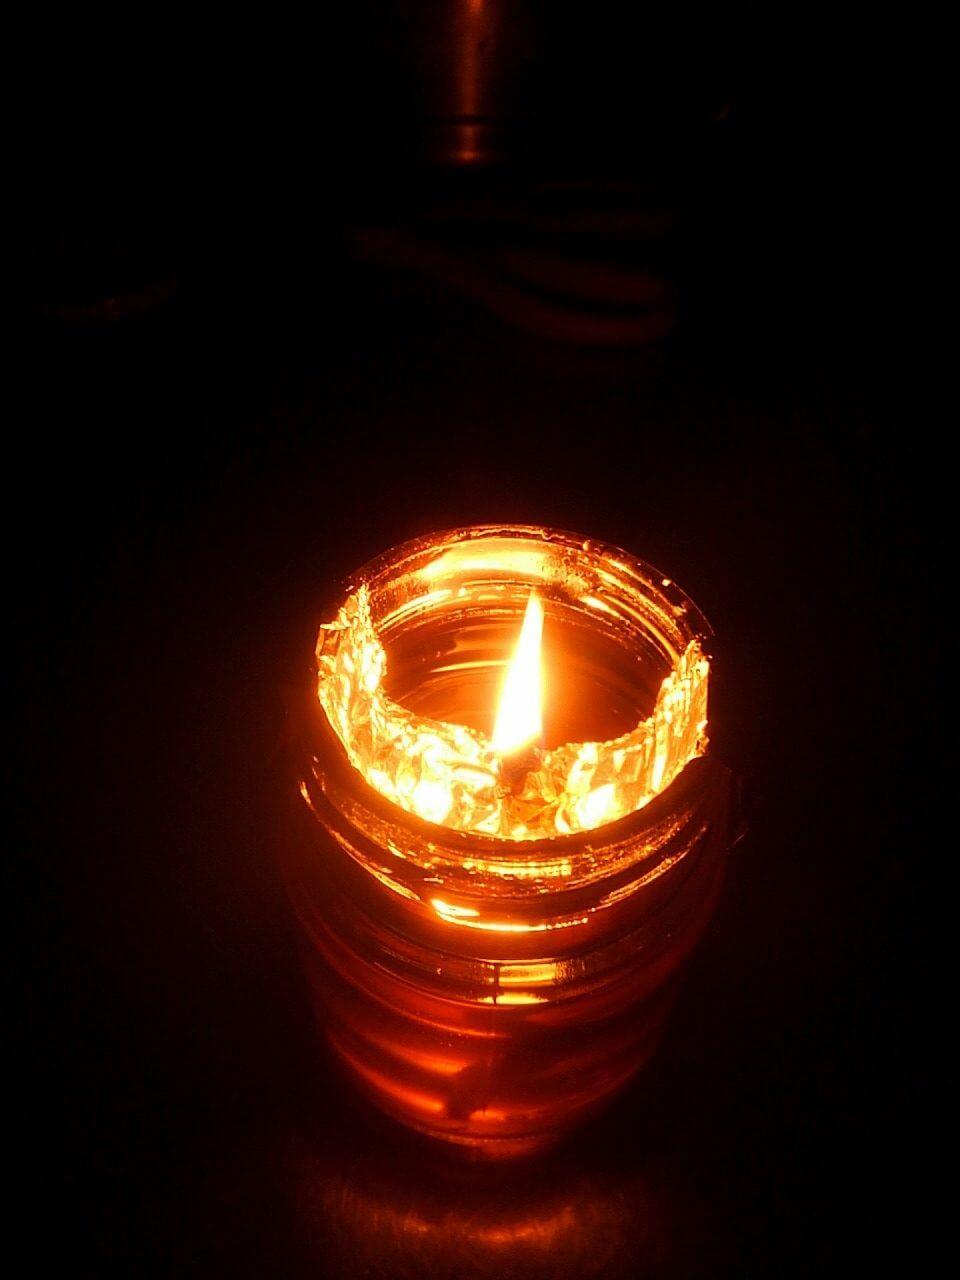 停電でロウソクの代わりになるもの。廃油で作るランプとか。